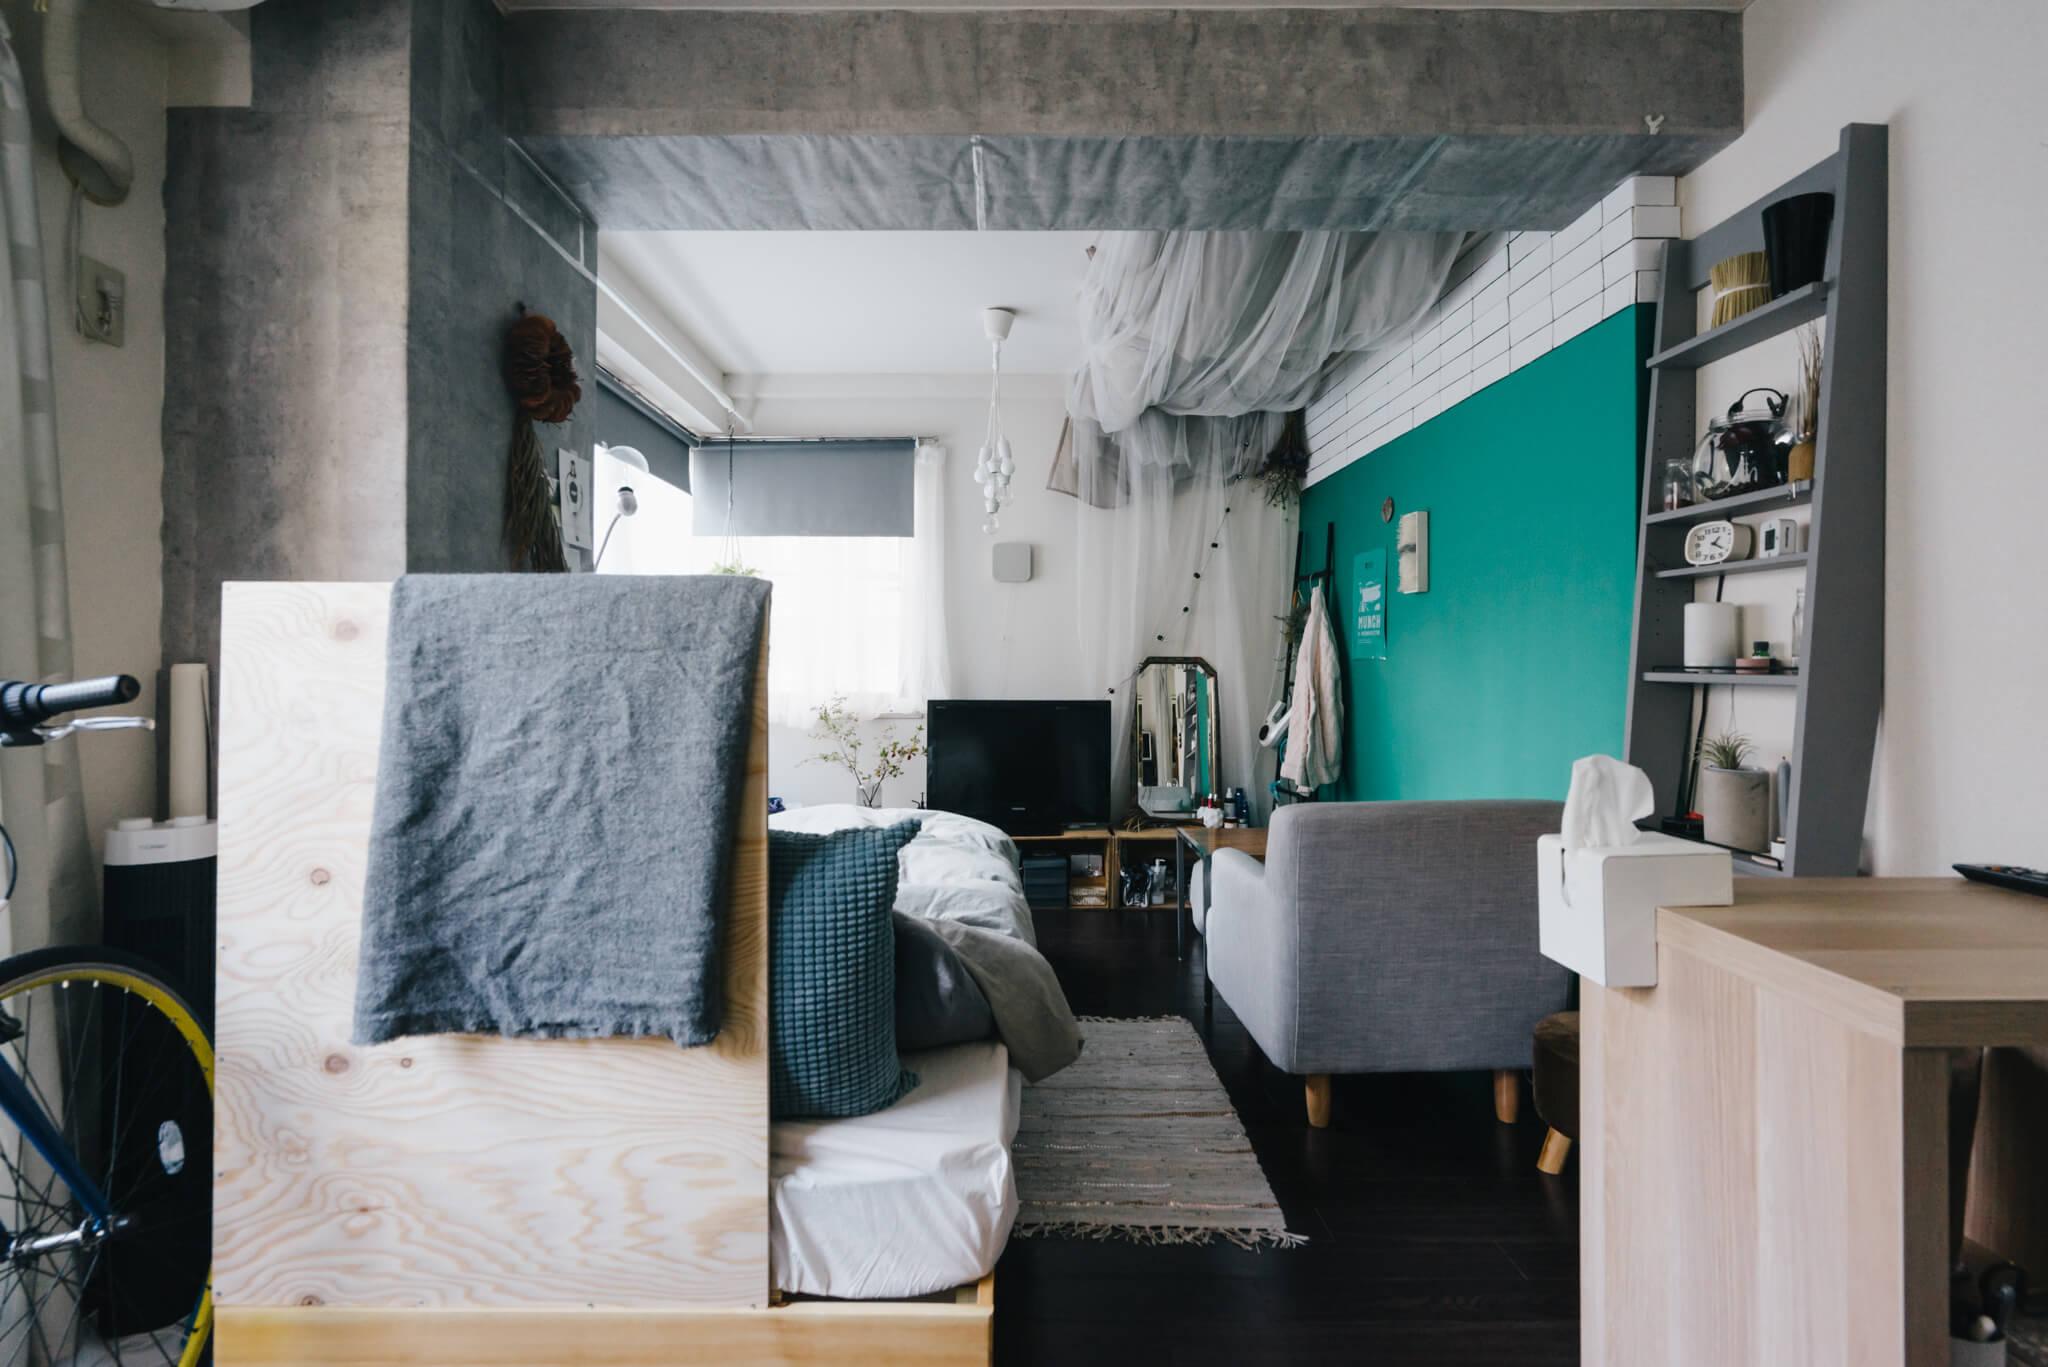 小面積からでもできるのが、壁紙DIYのいいところ。こちらのお部屋は、全体的にグレーの色味で統一した後、鮮やかなグリーンを差し色にいれました。狭い面積であれば、気分次第で何度も変えられるのでいいですよね。(このお部屋はこちら)